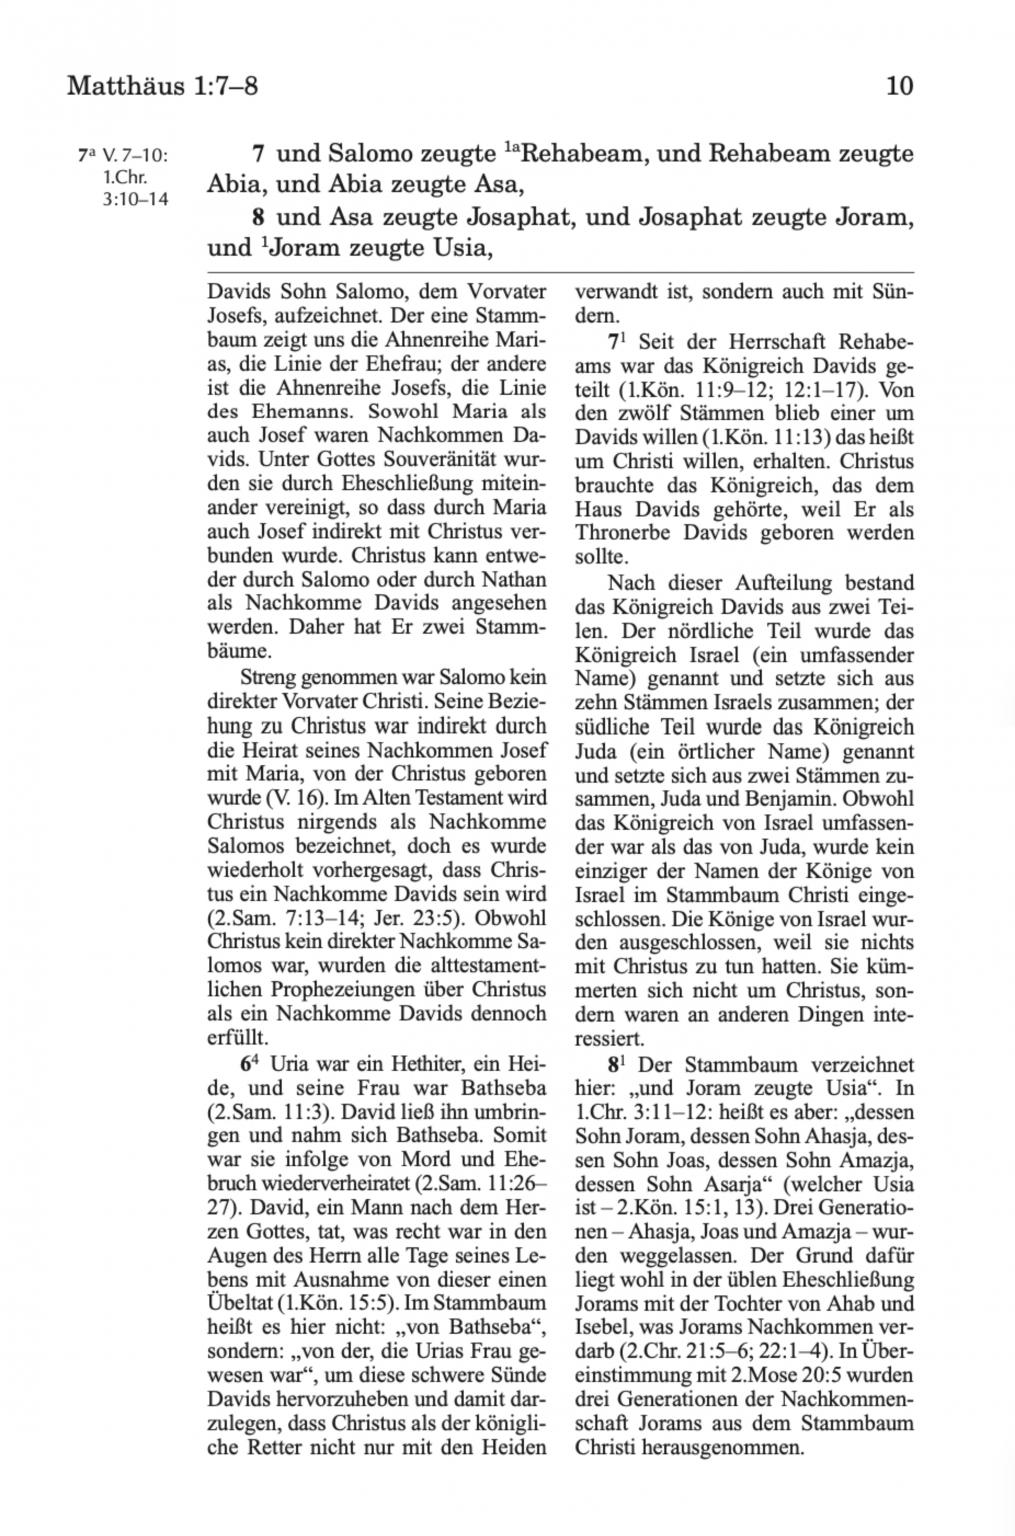 RvB page 10